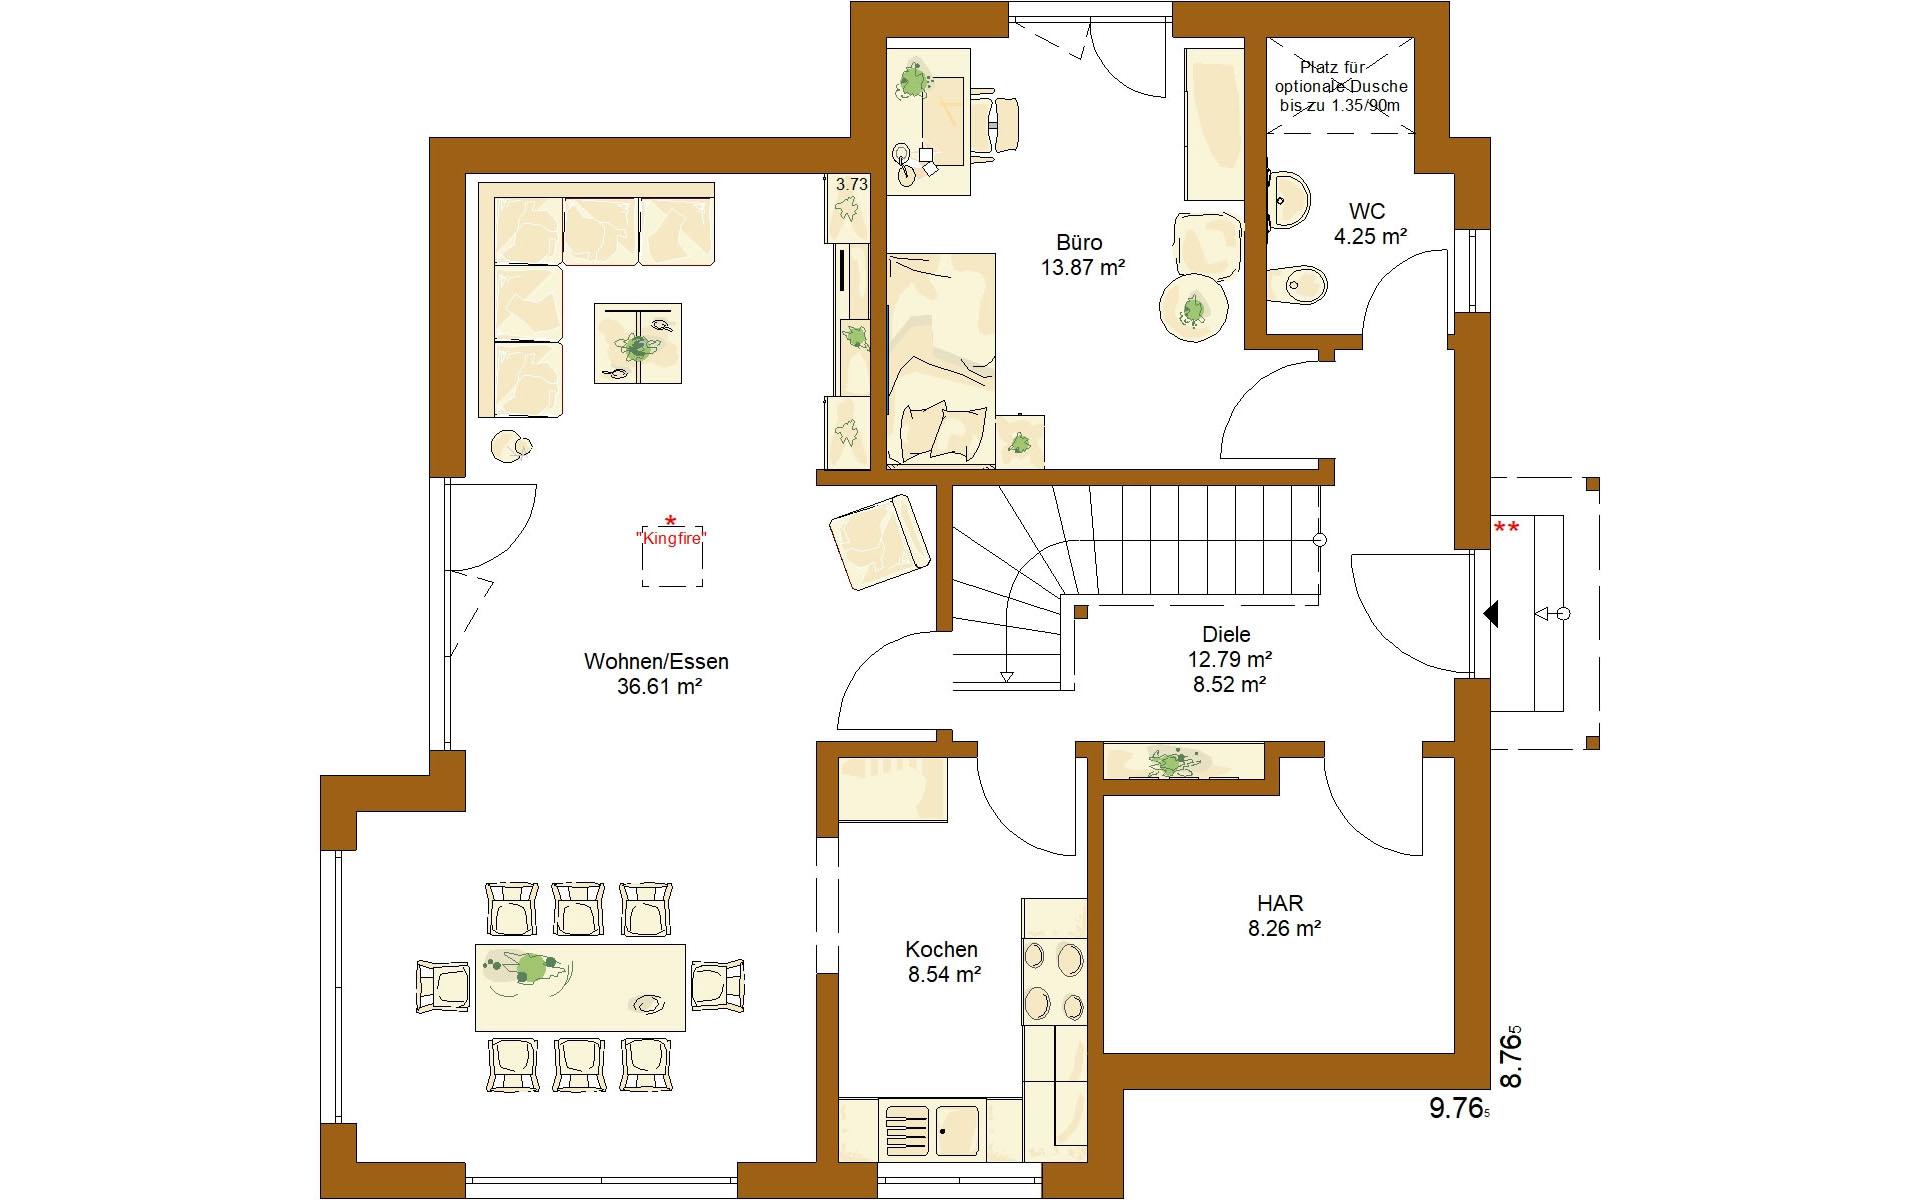 Erdgeschoss CLOU 134 von RENSCH-HAUS GMBH